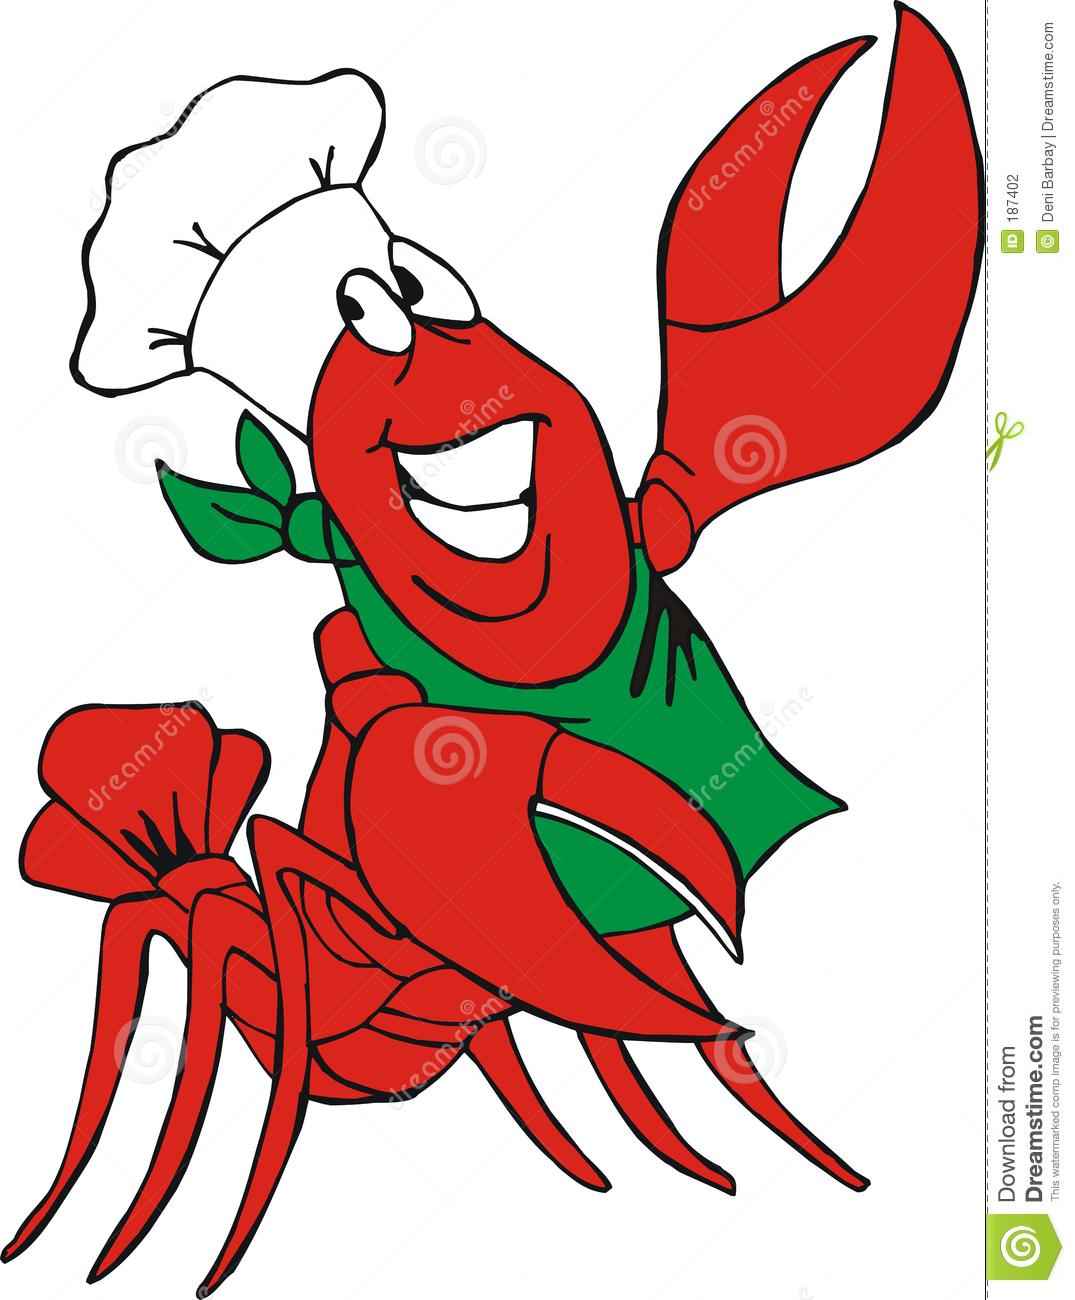 Cajun Crawfish Clip Art Picturespider Co-Cajun Crawfish Clip Art Picturespider Com-3